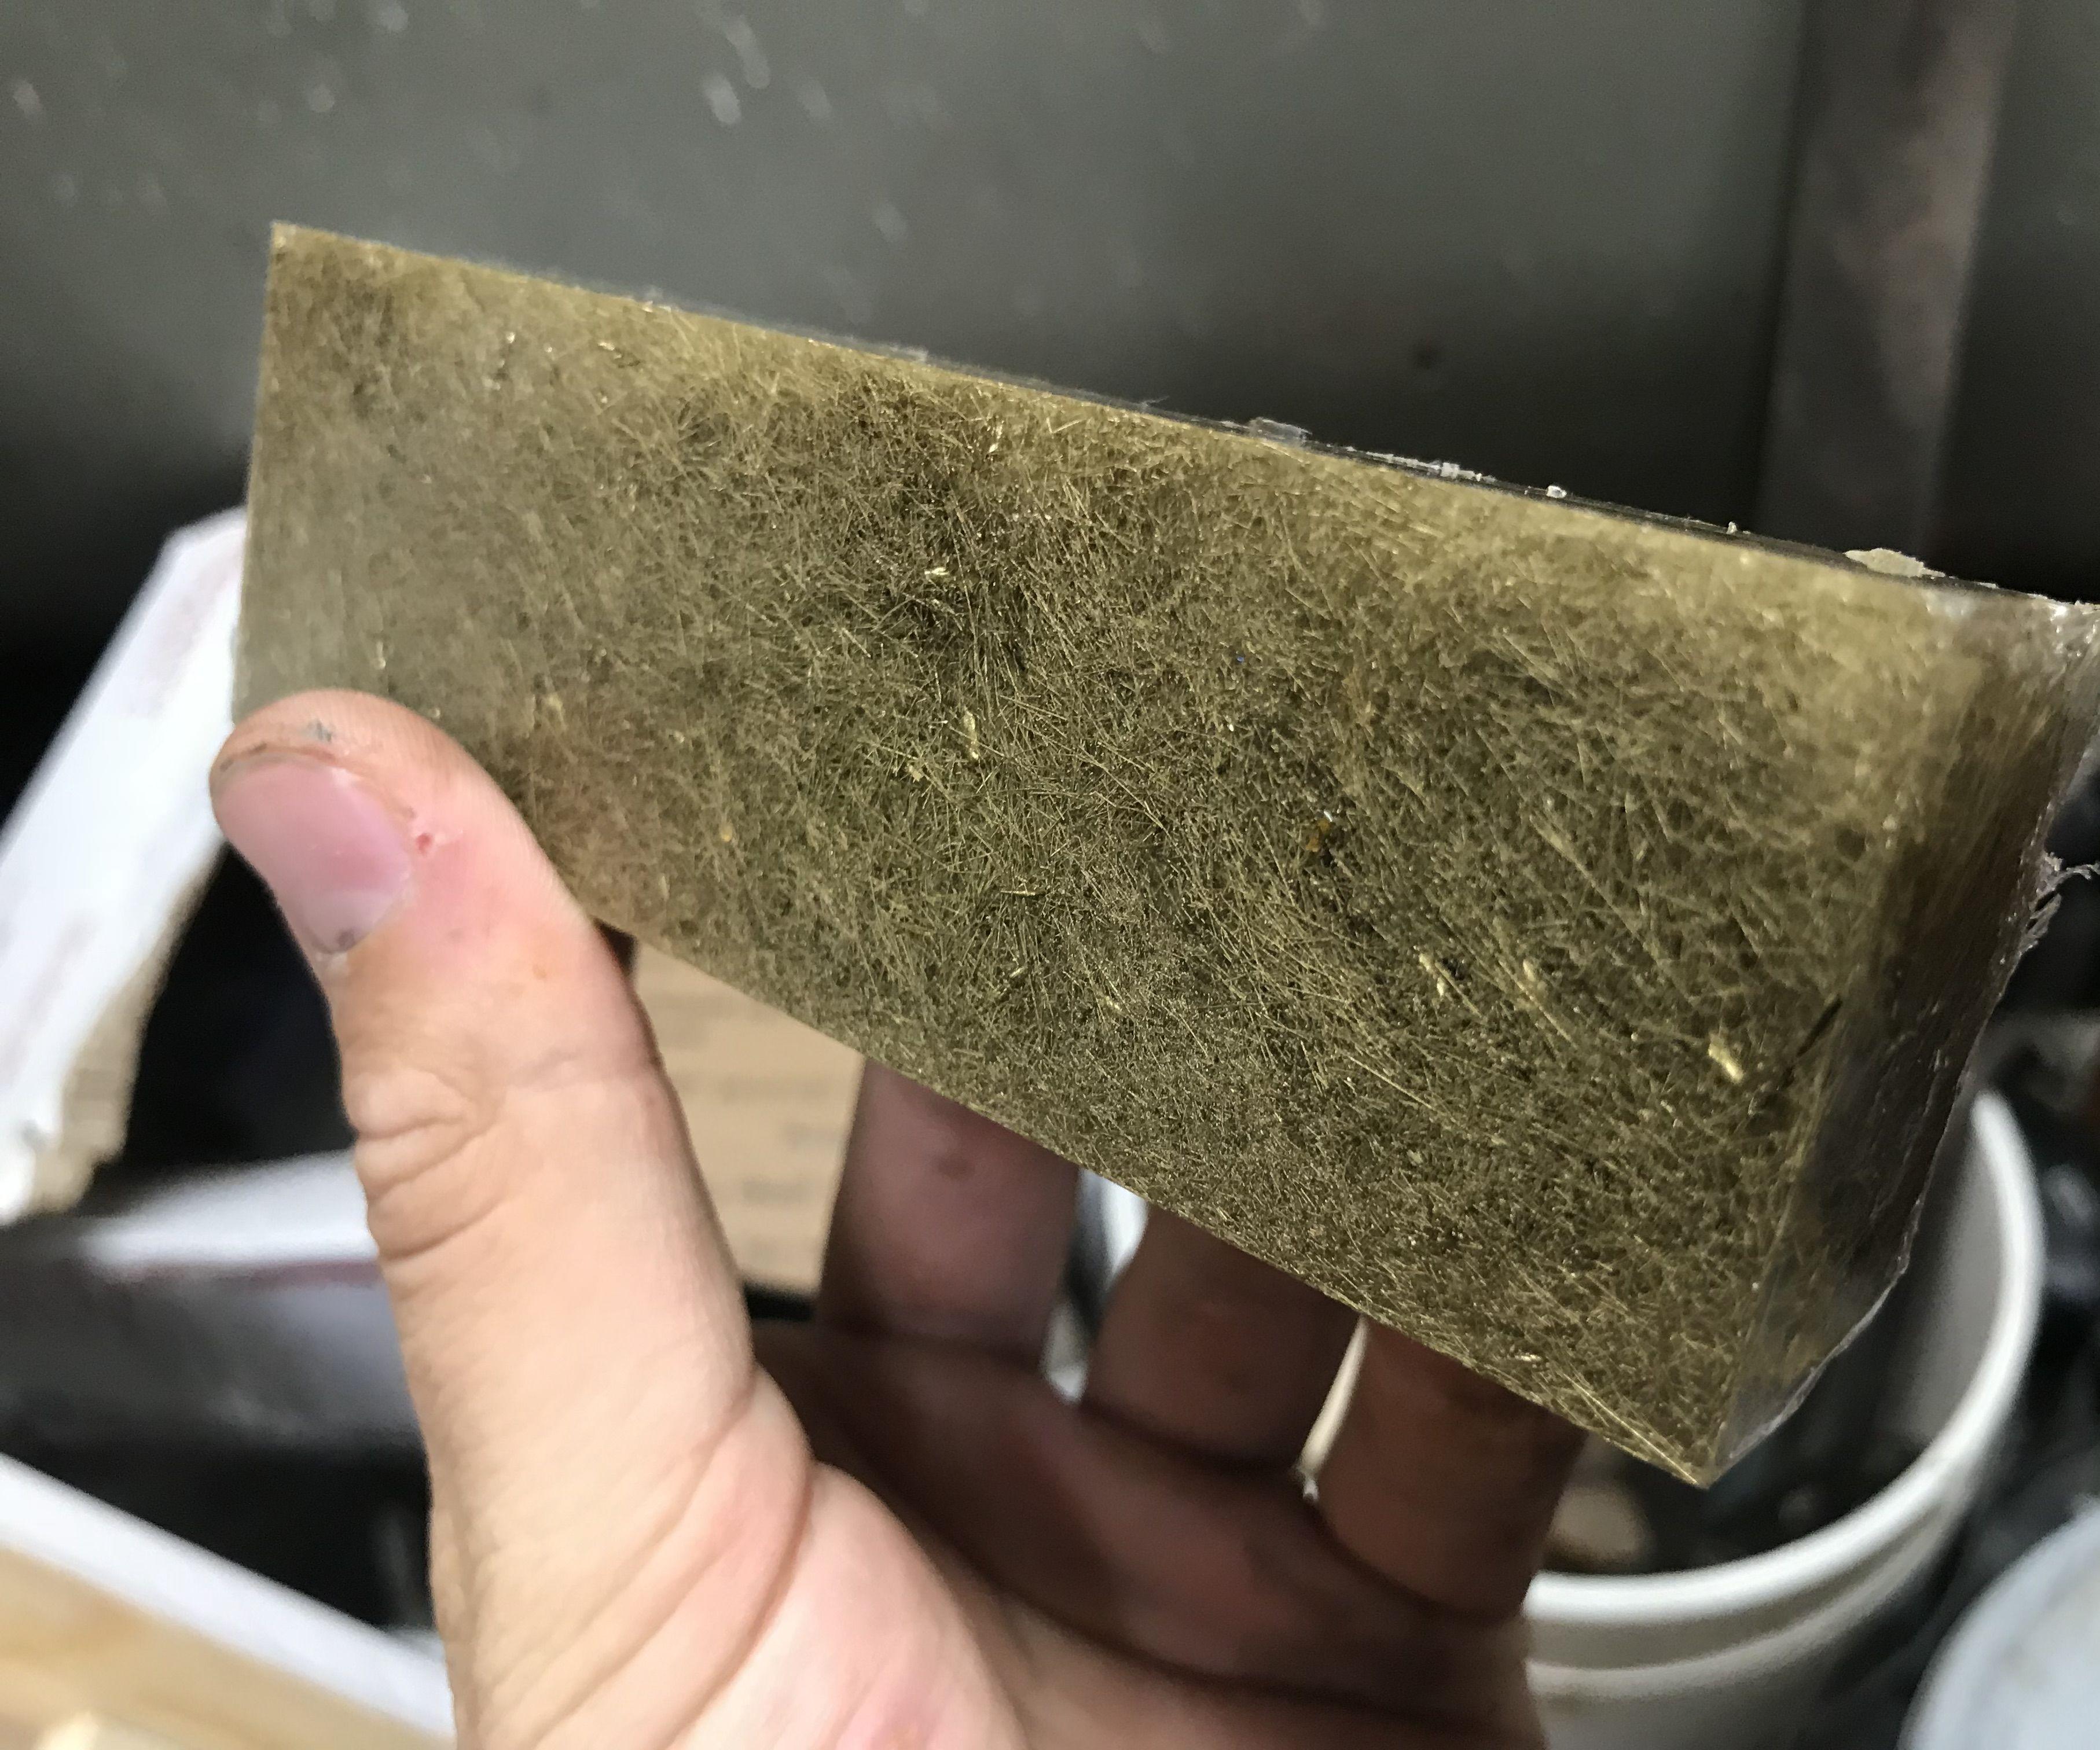 Casting Brass Shavings in Resin!